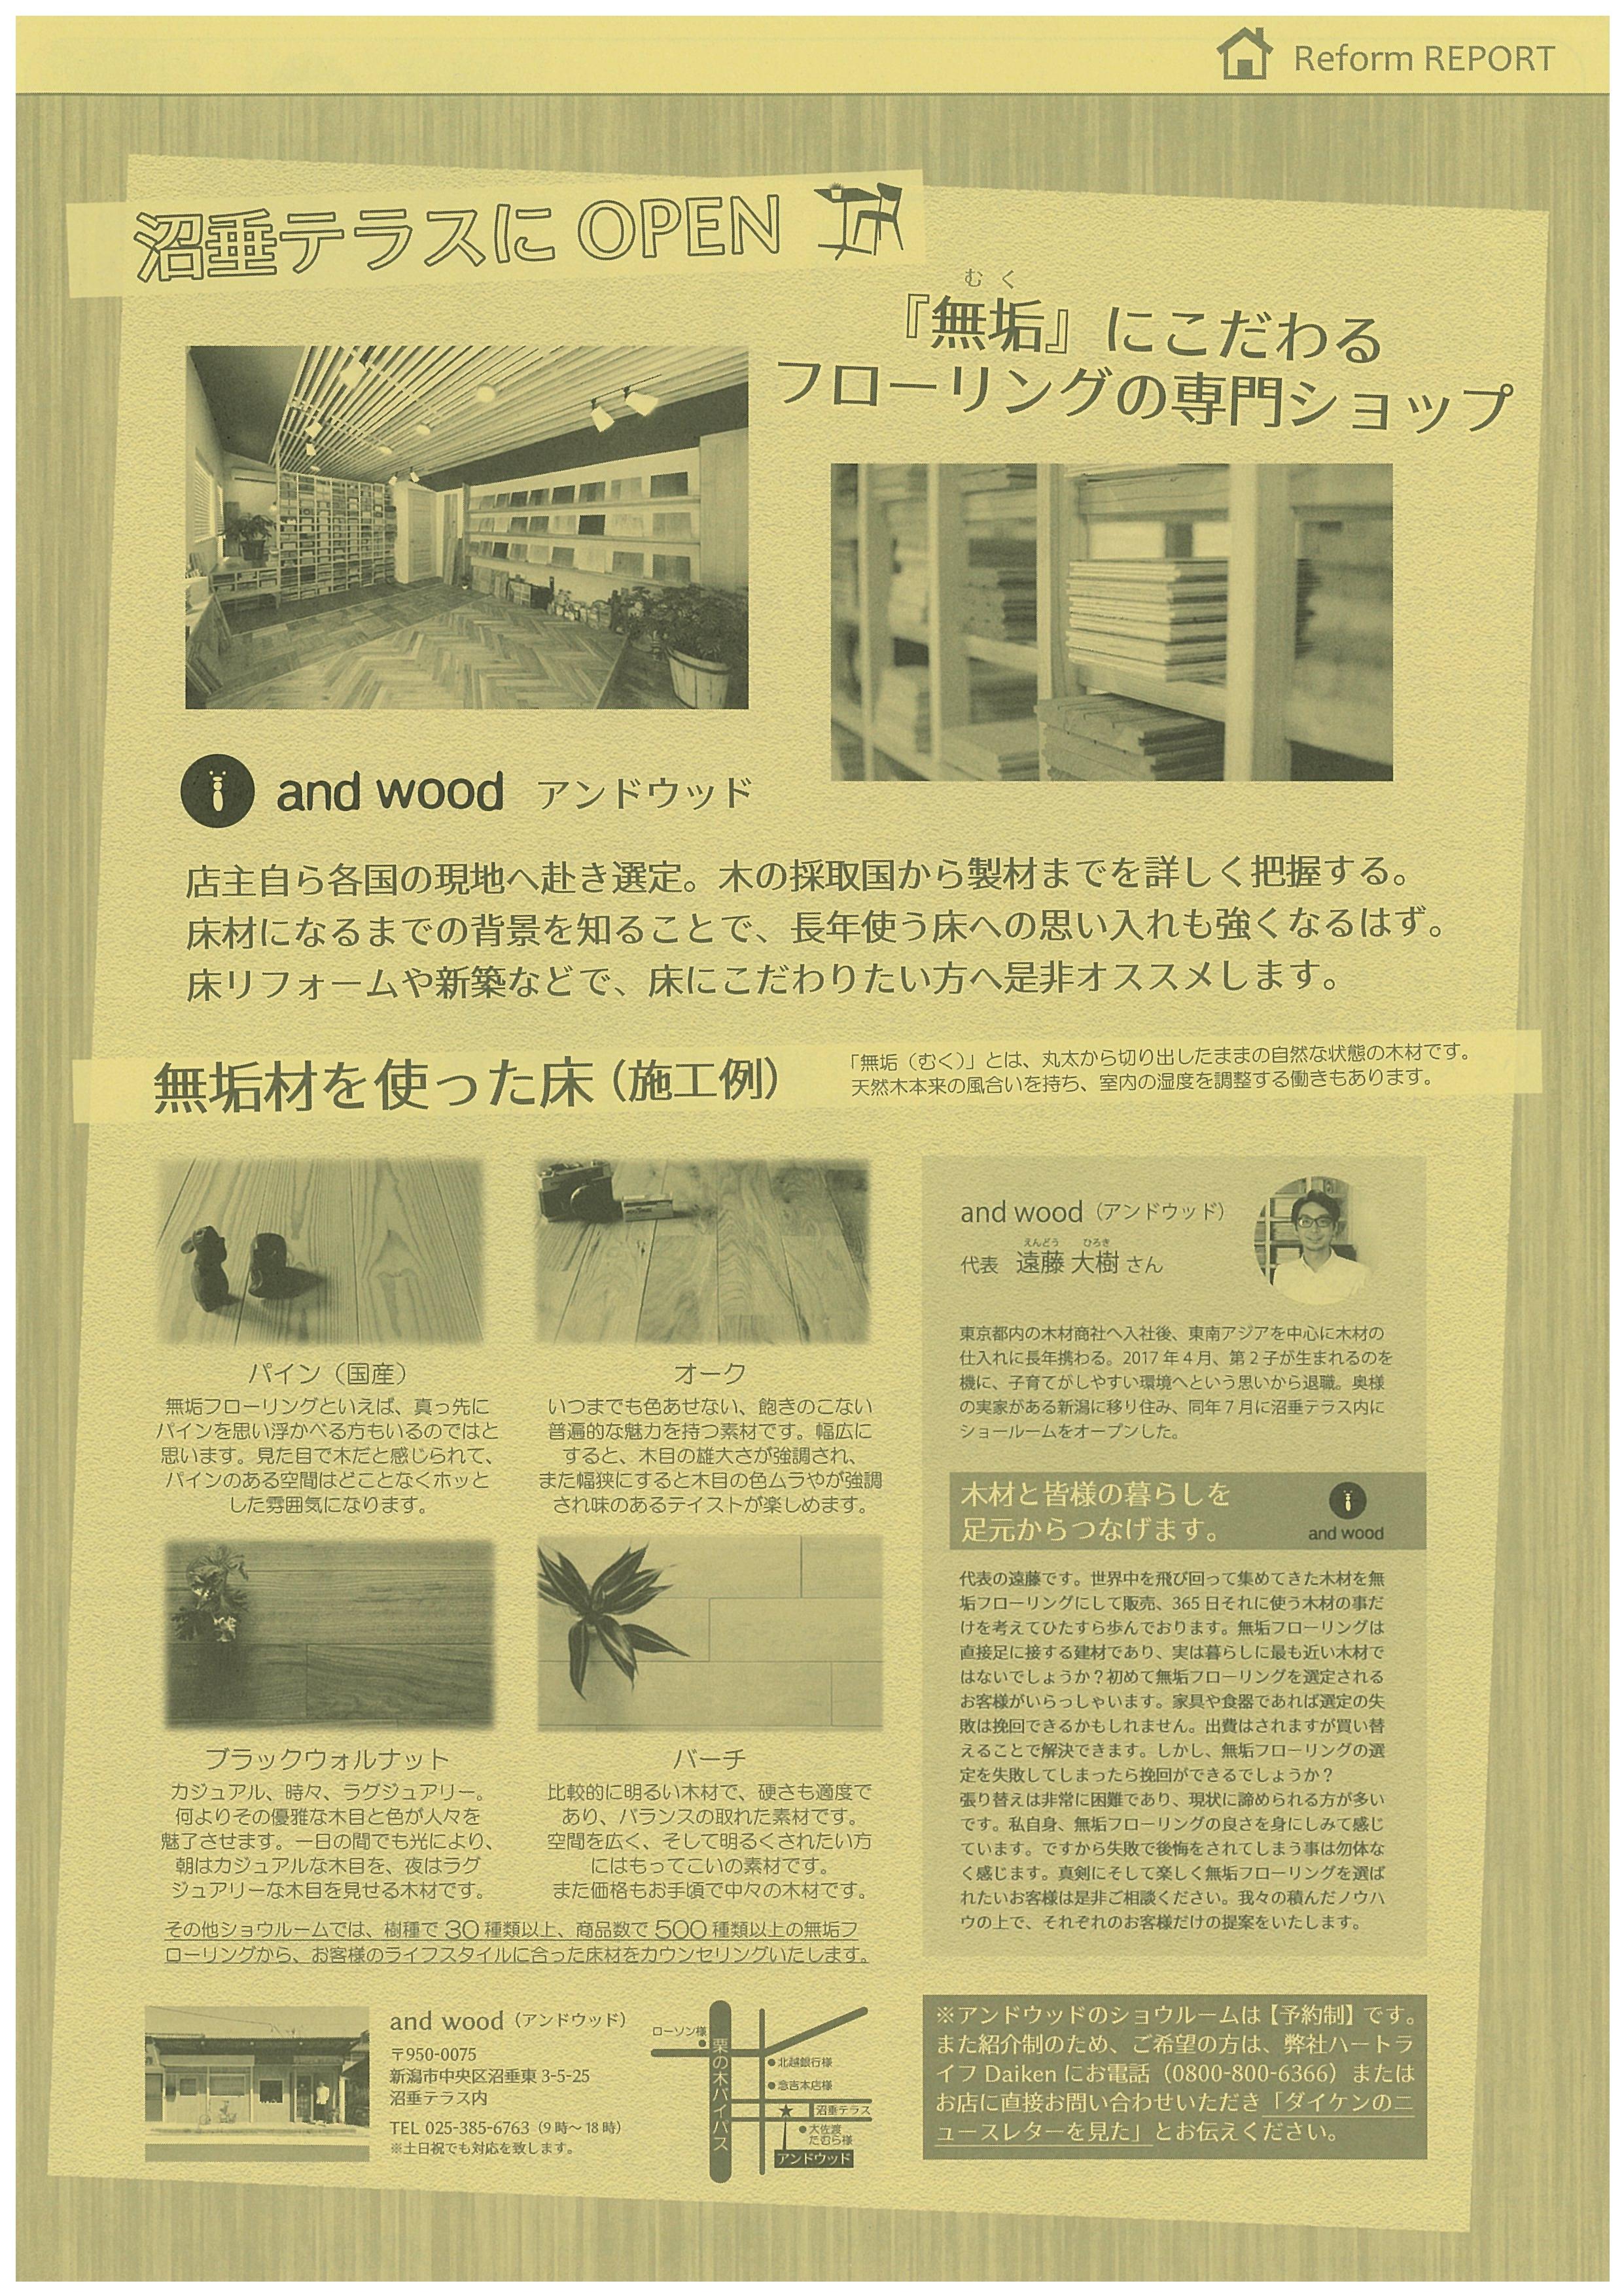 ニュースレターVol.56 中面